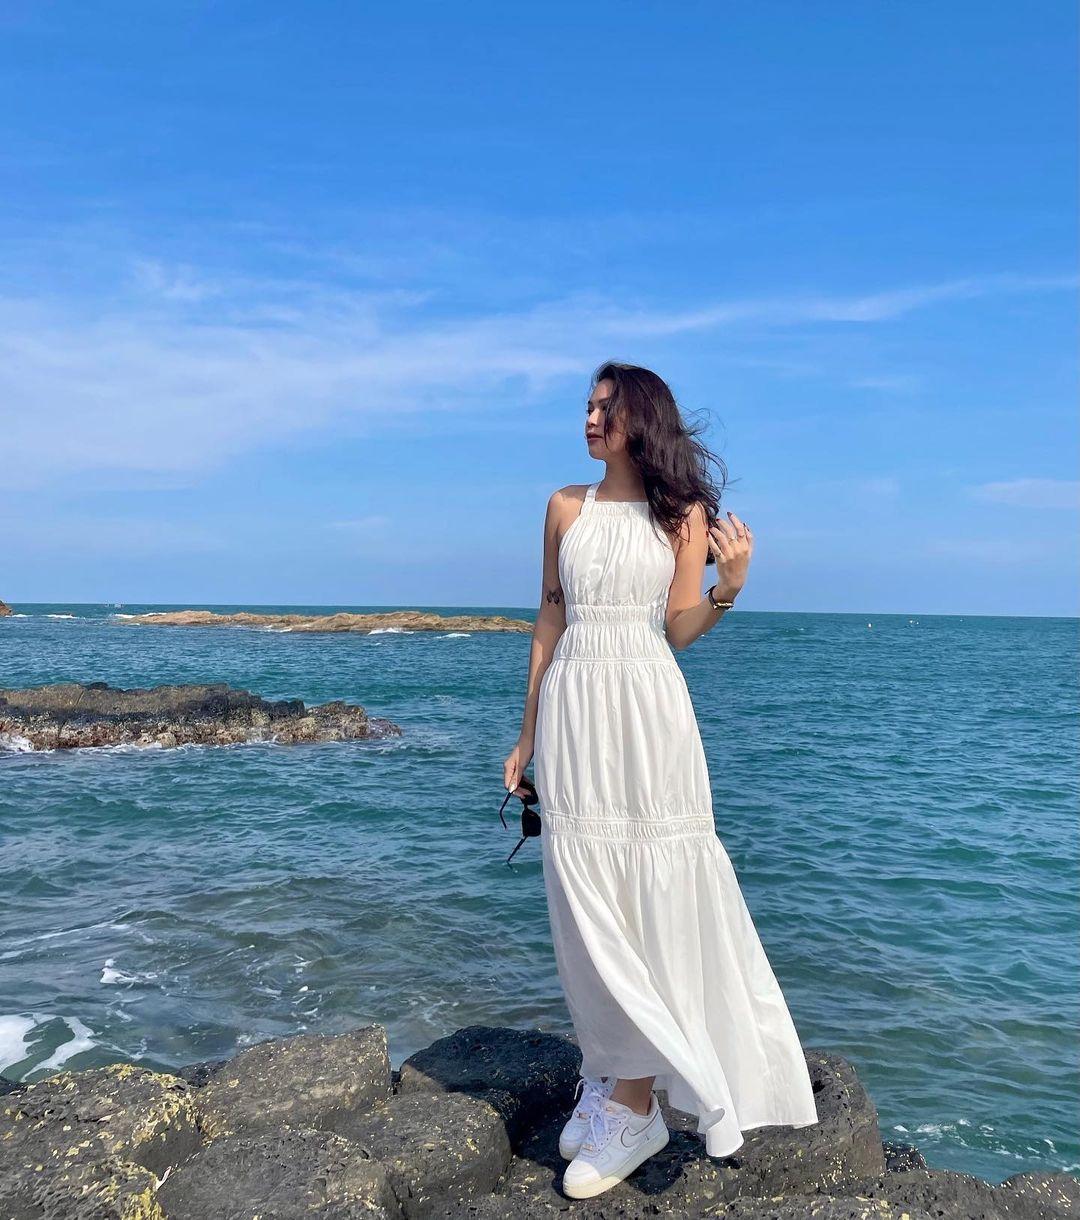 Chỉ từ 240k sắm váy hở lưng xinh yêu sexy lại mát rượi chấp hết nắng nóng Sài Gòn - Ảnh 10.